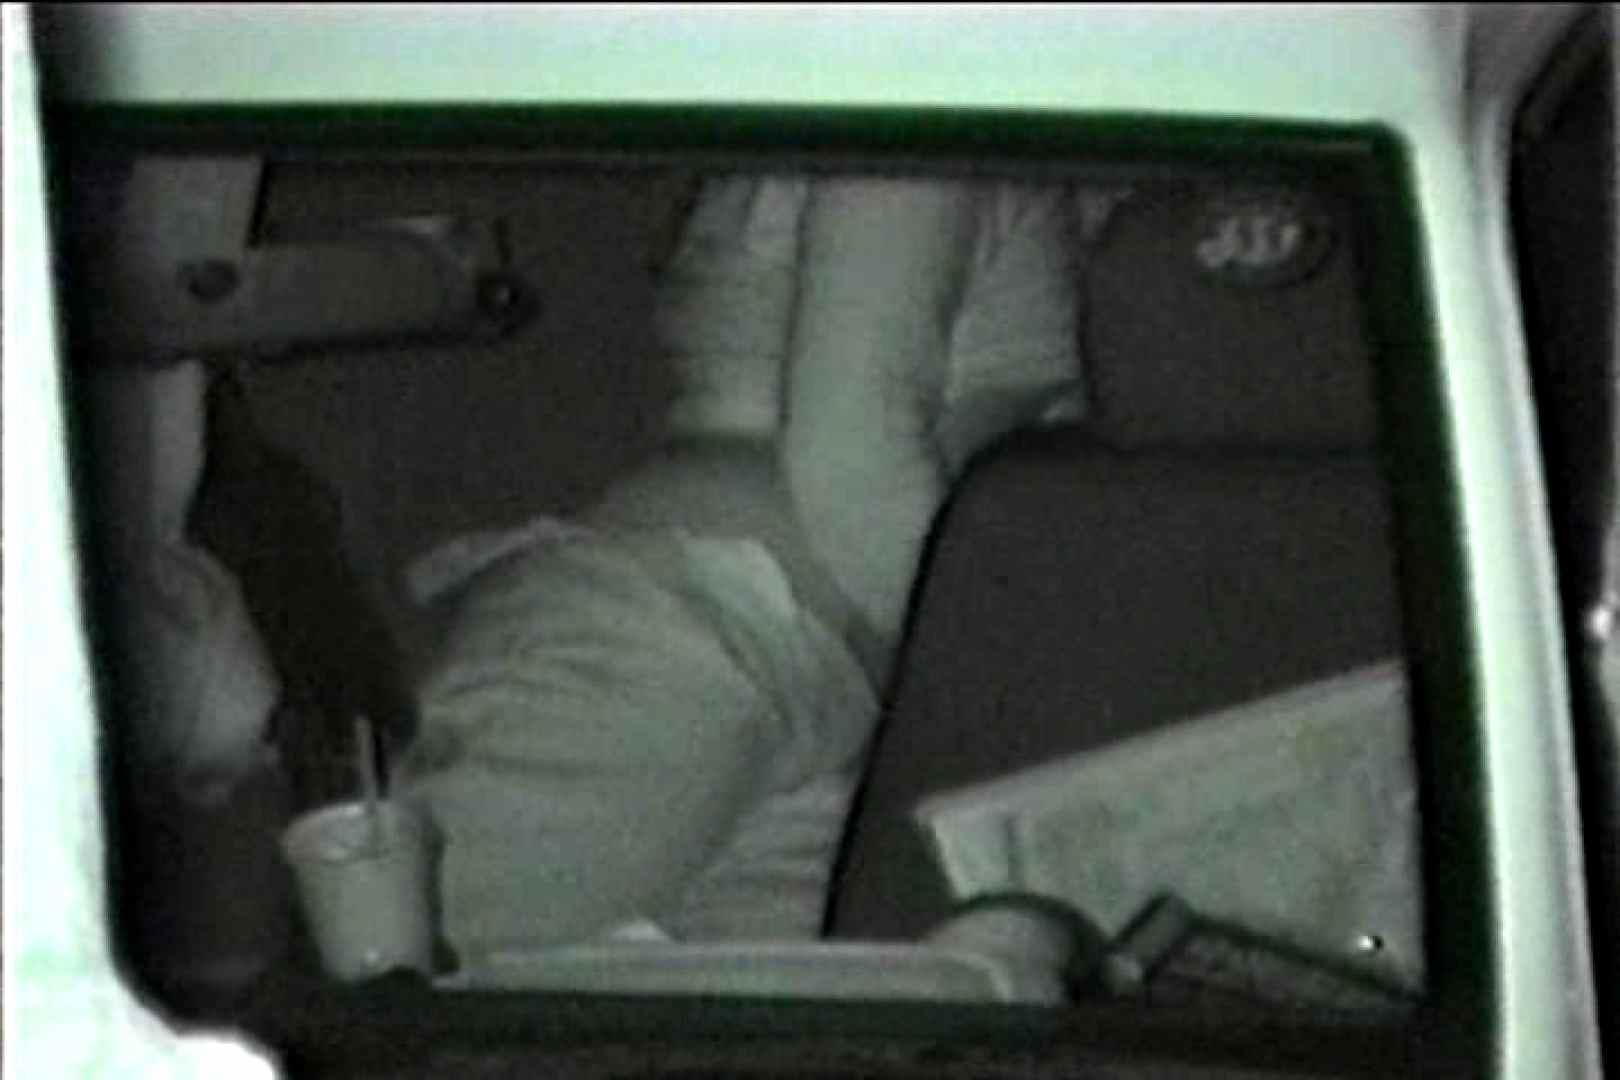 車の中はラブホテル 無修正版  Vol.7 人気シリーズ  96連発 8